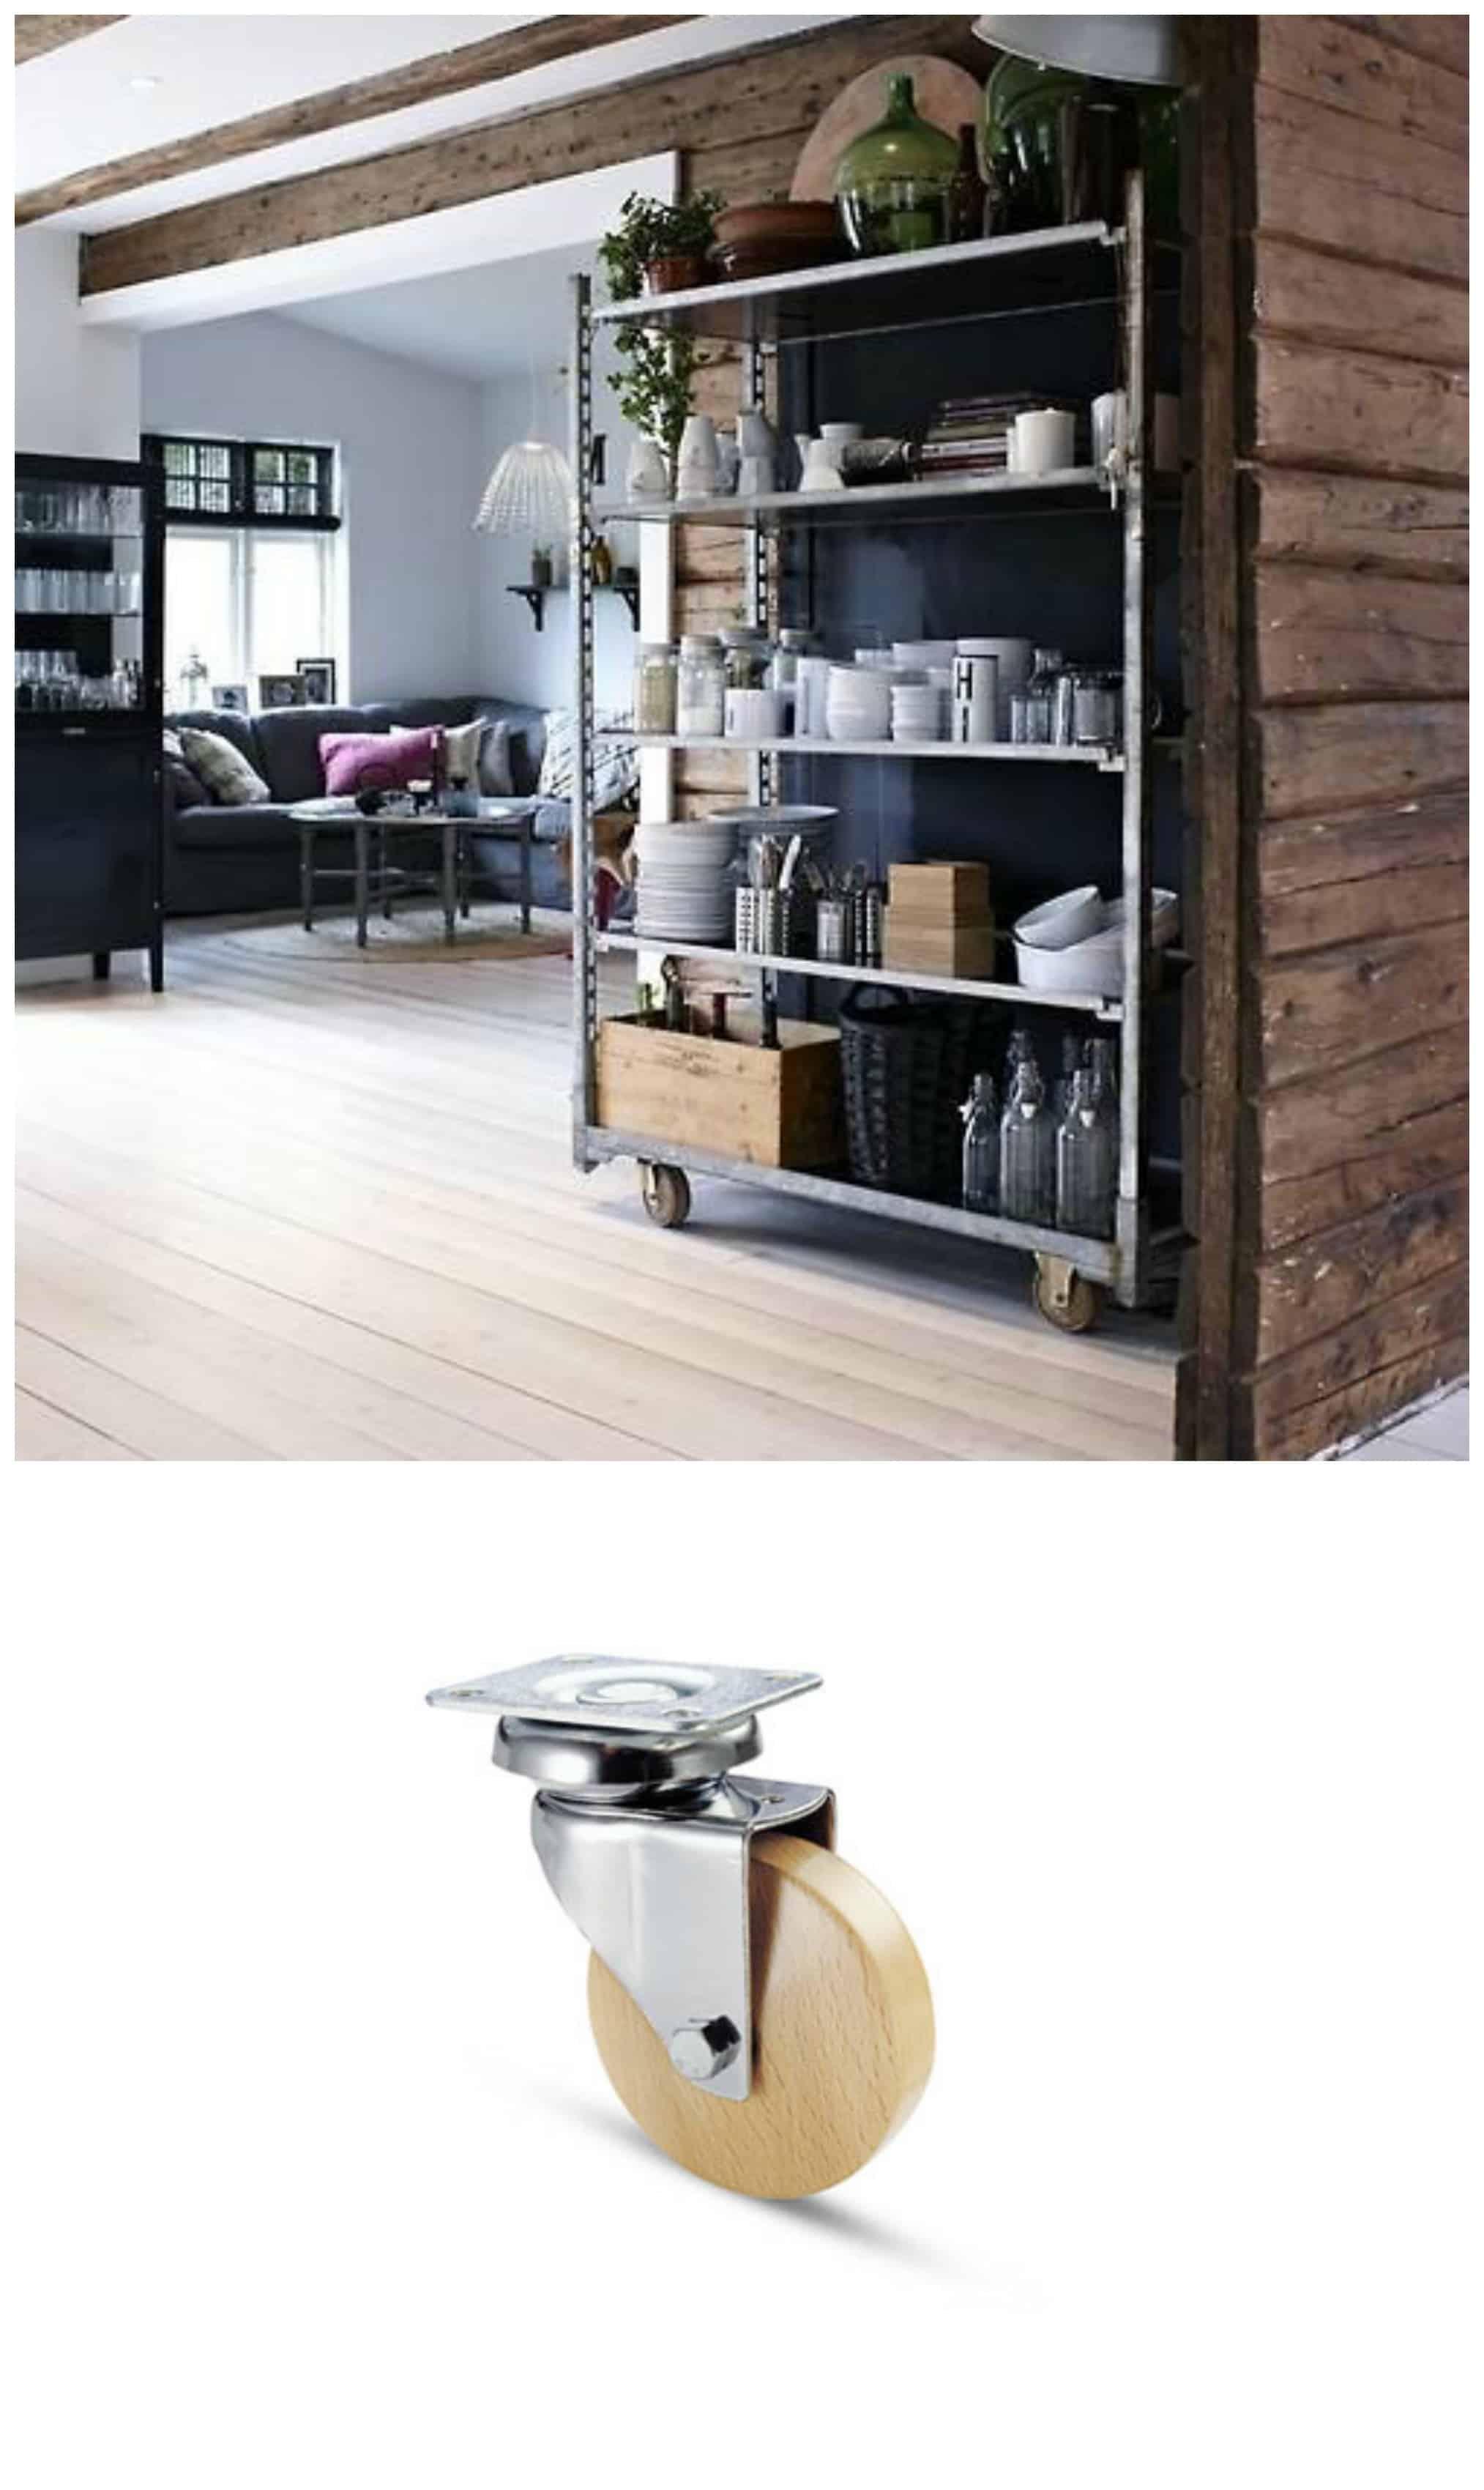 Ruote per mobili di pallet 5 tipologie di ruote d arredo for Mobili legno design